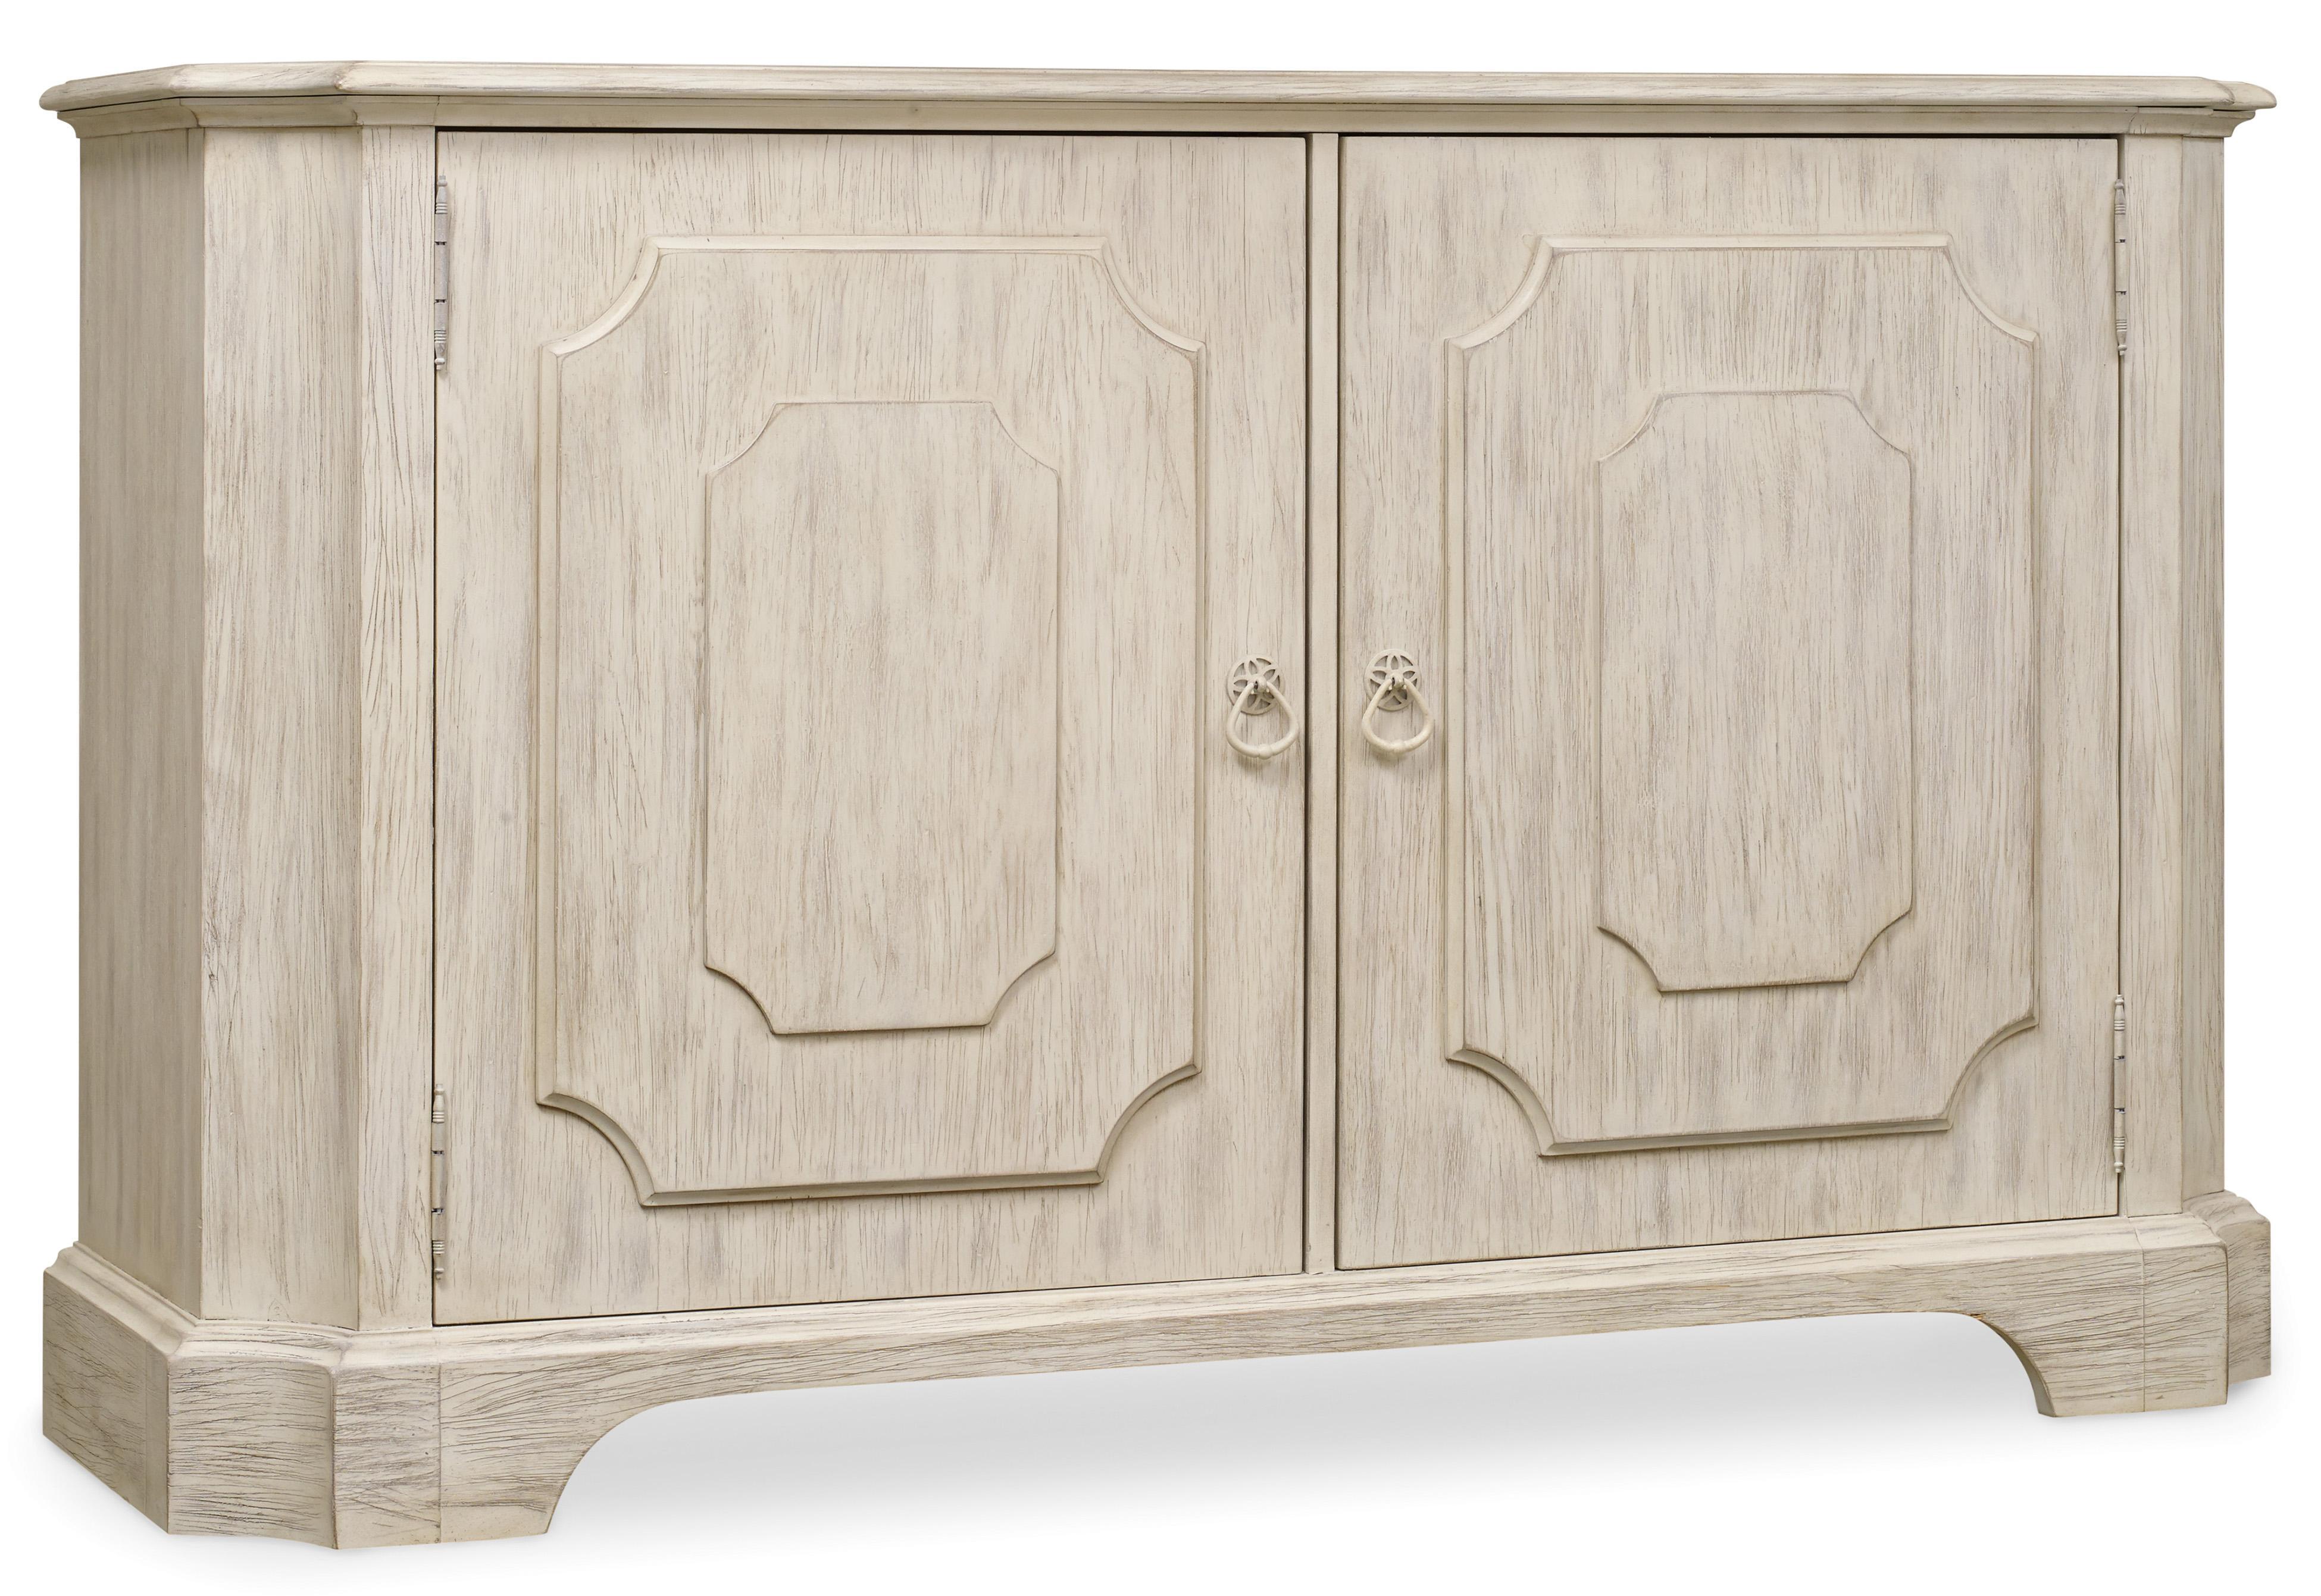 Hooker Furniture Sunset Point Credenza - Item Number: 5325-75903